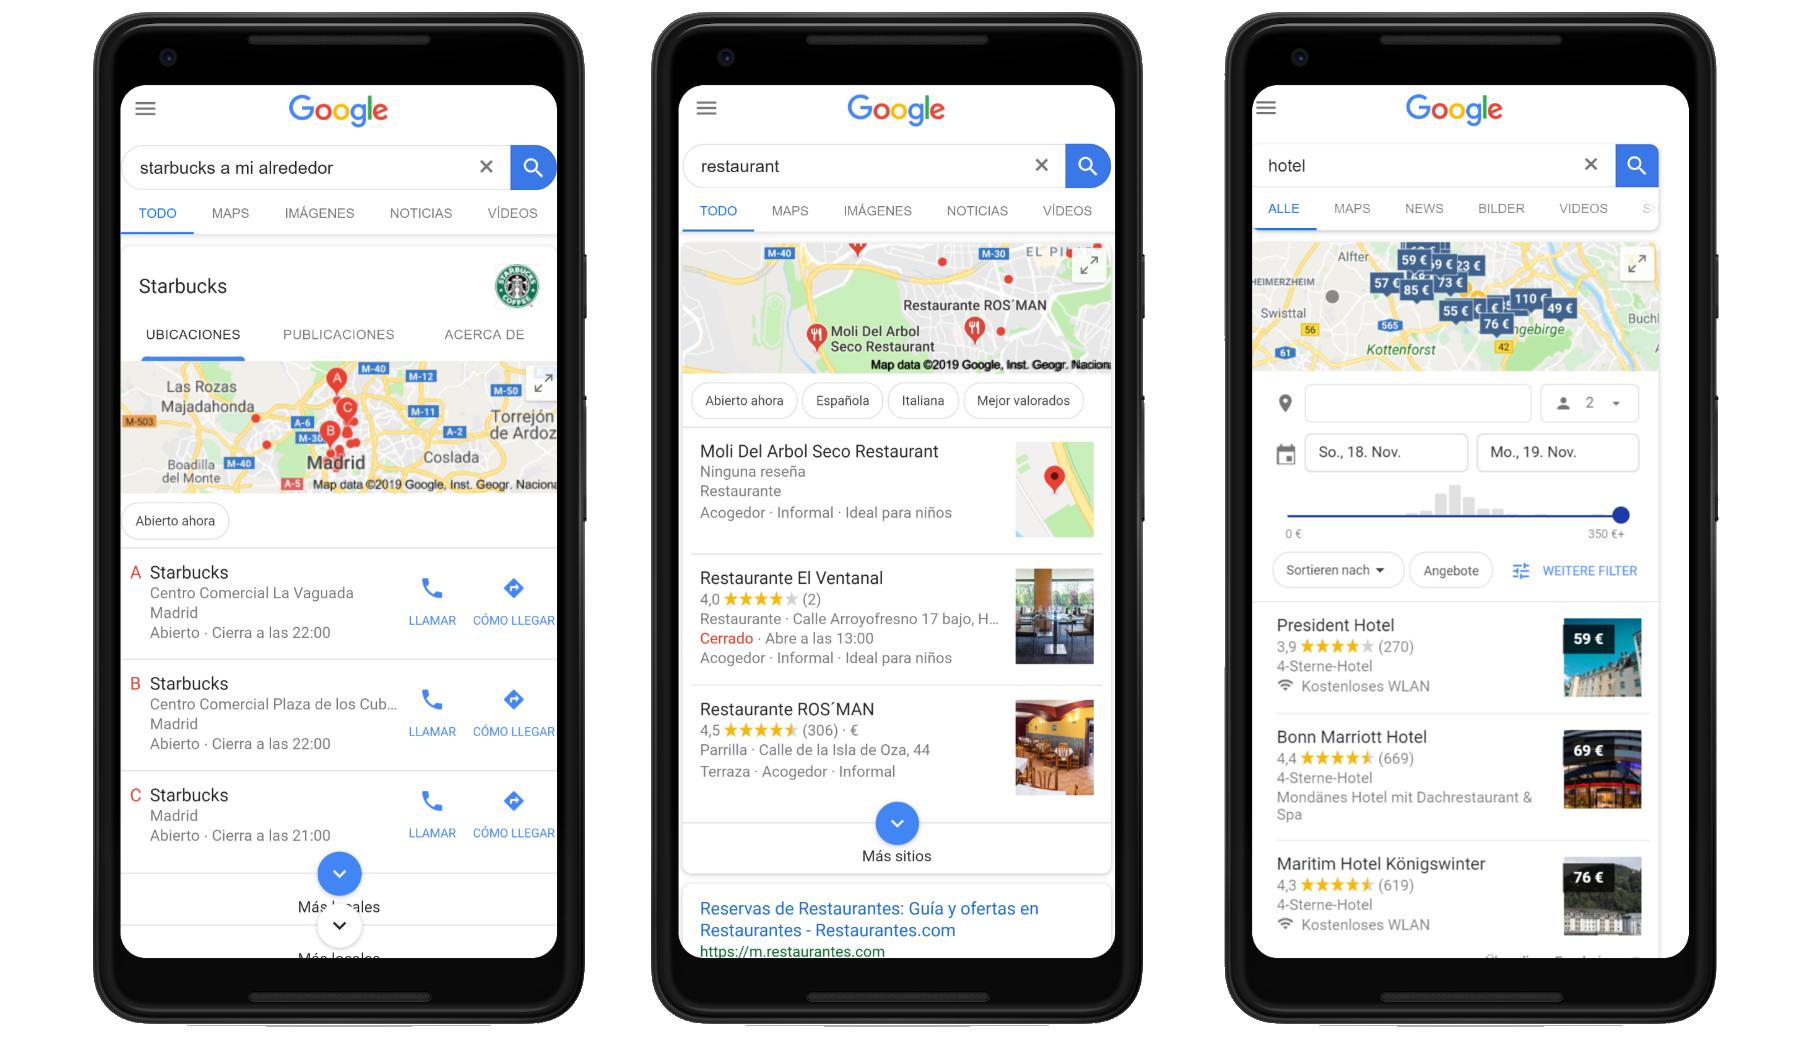 """Ejemplos de búsquedas """"Visit in person"""" como intención de búsqueda del usuario en Google"""